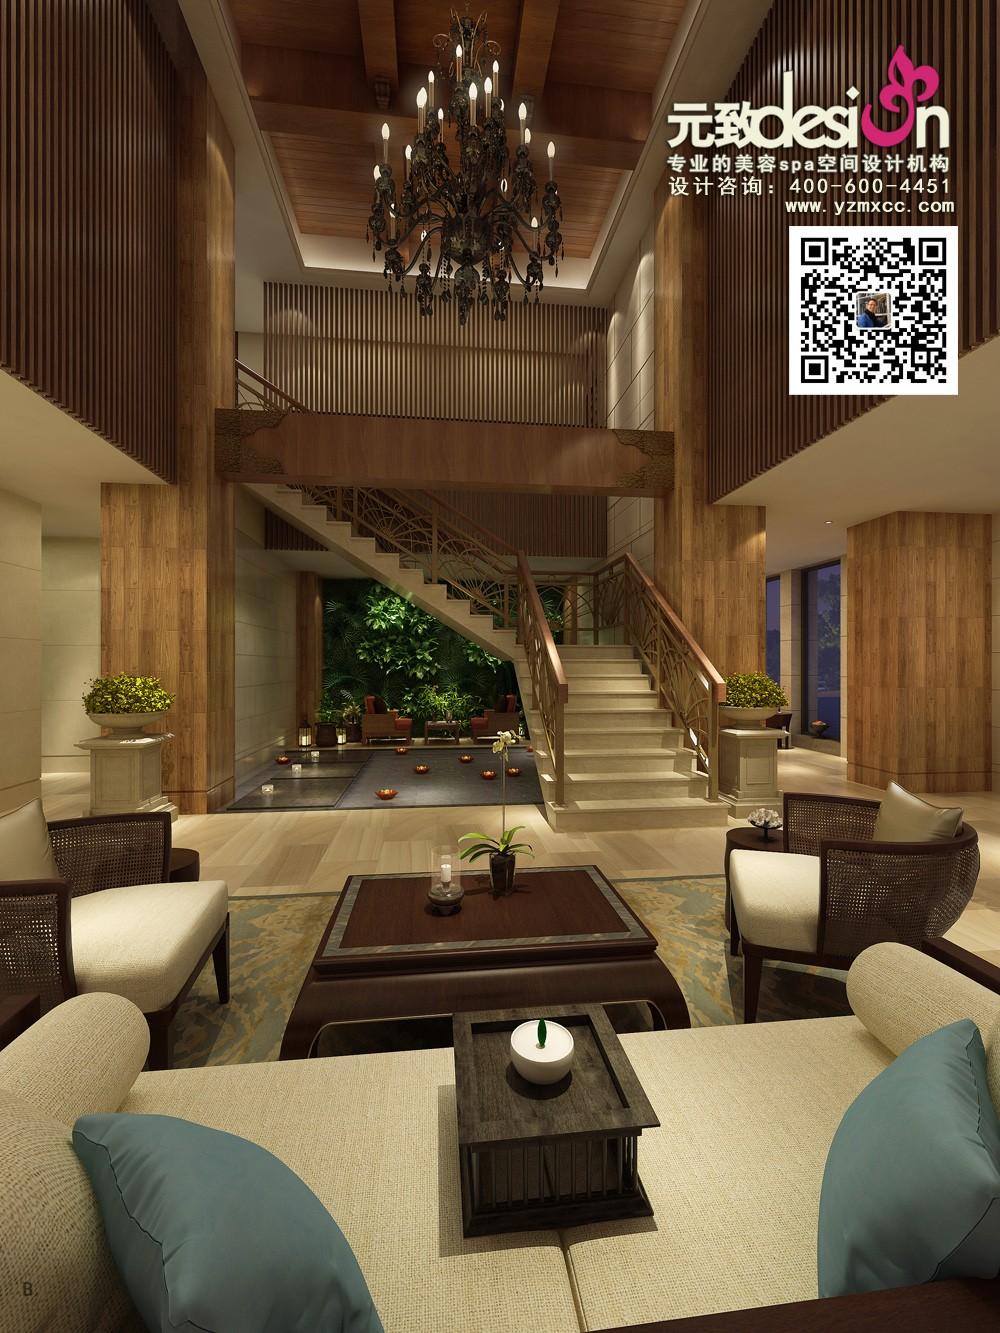 中式会所 中式养生馆设计